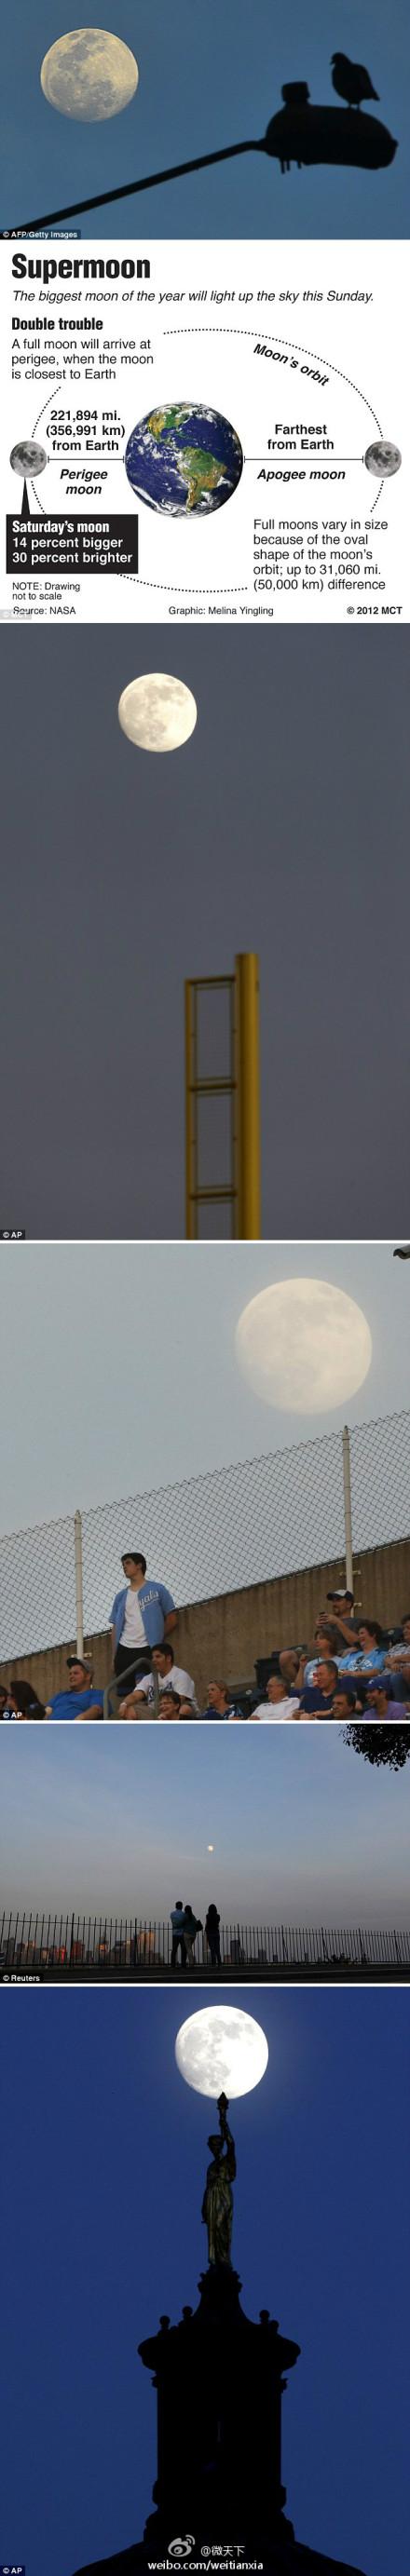 本年度最大超级月亮今晚现身